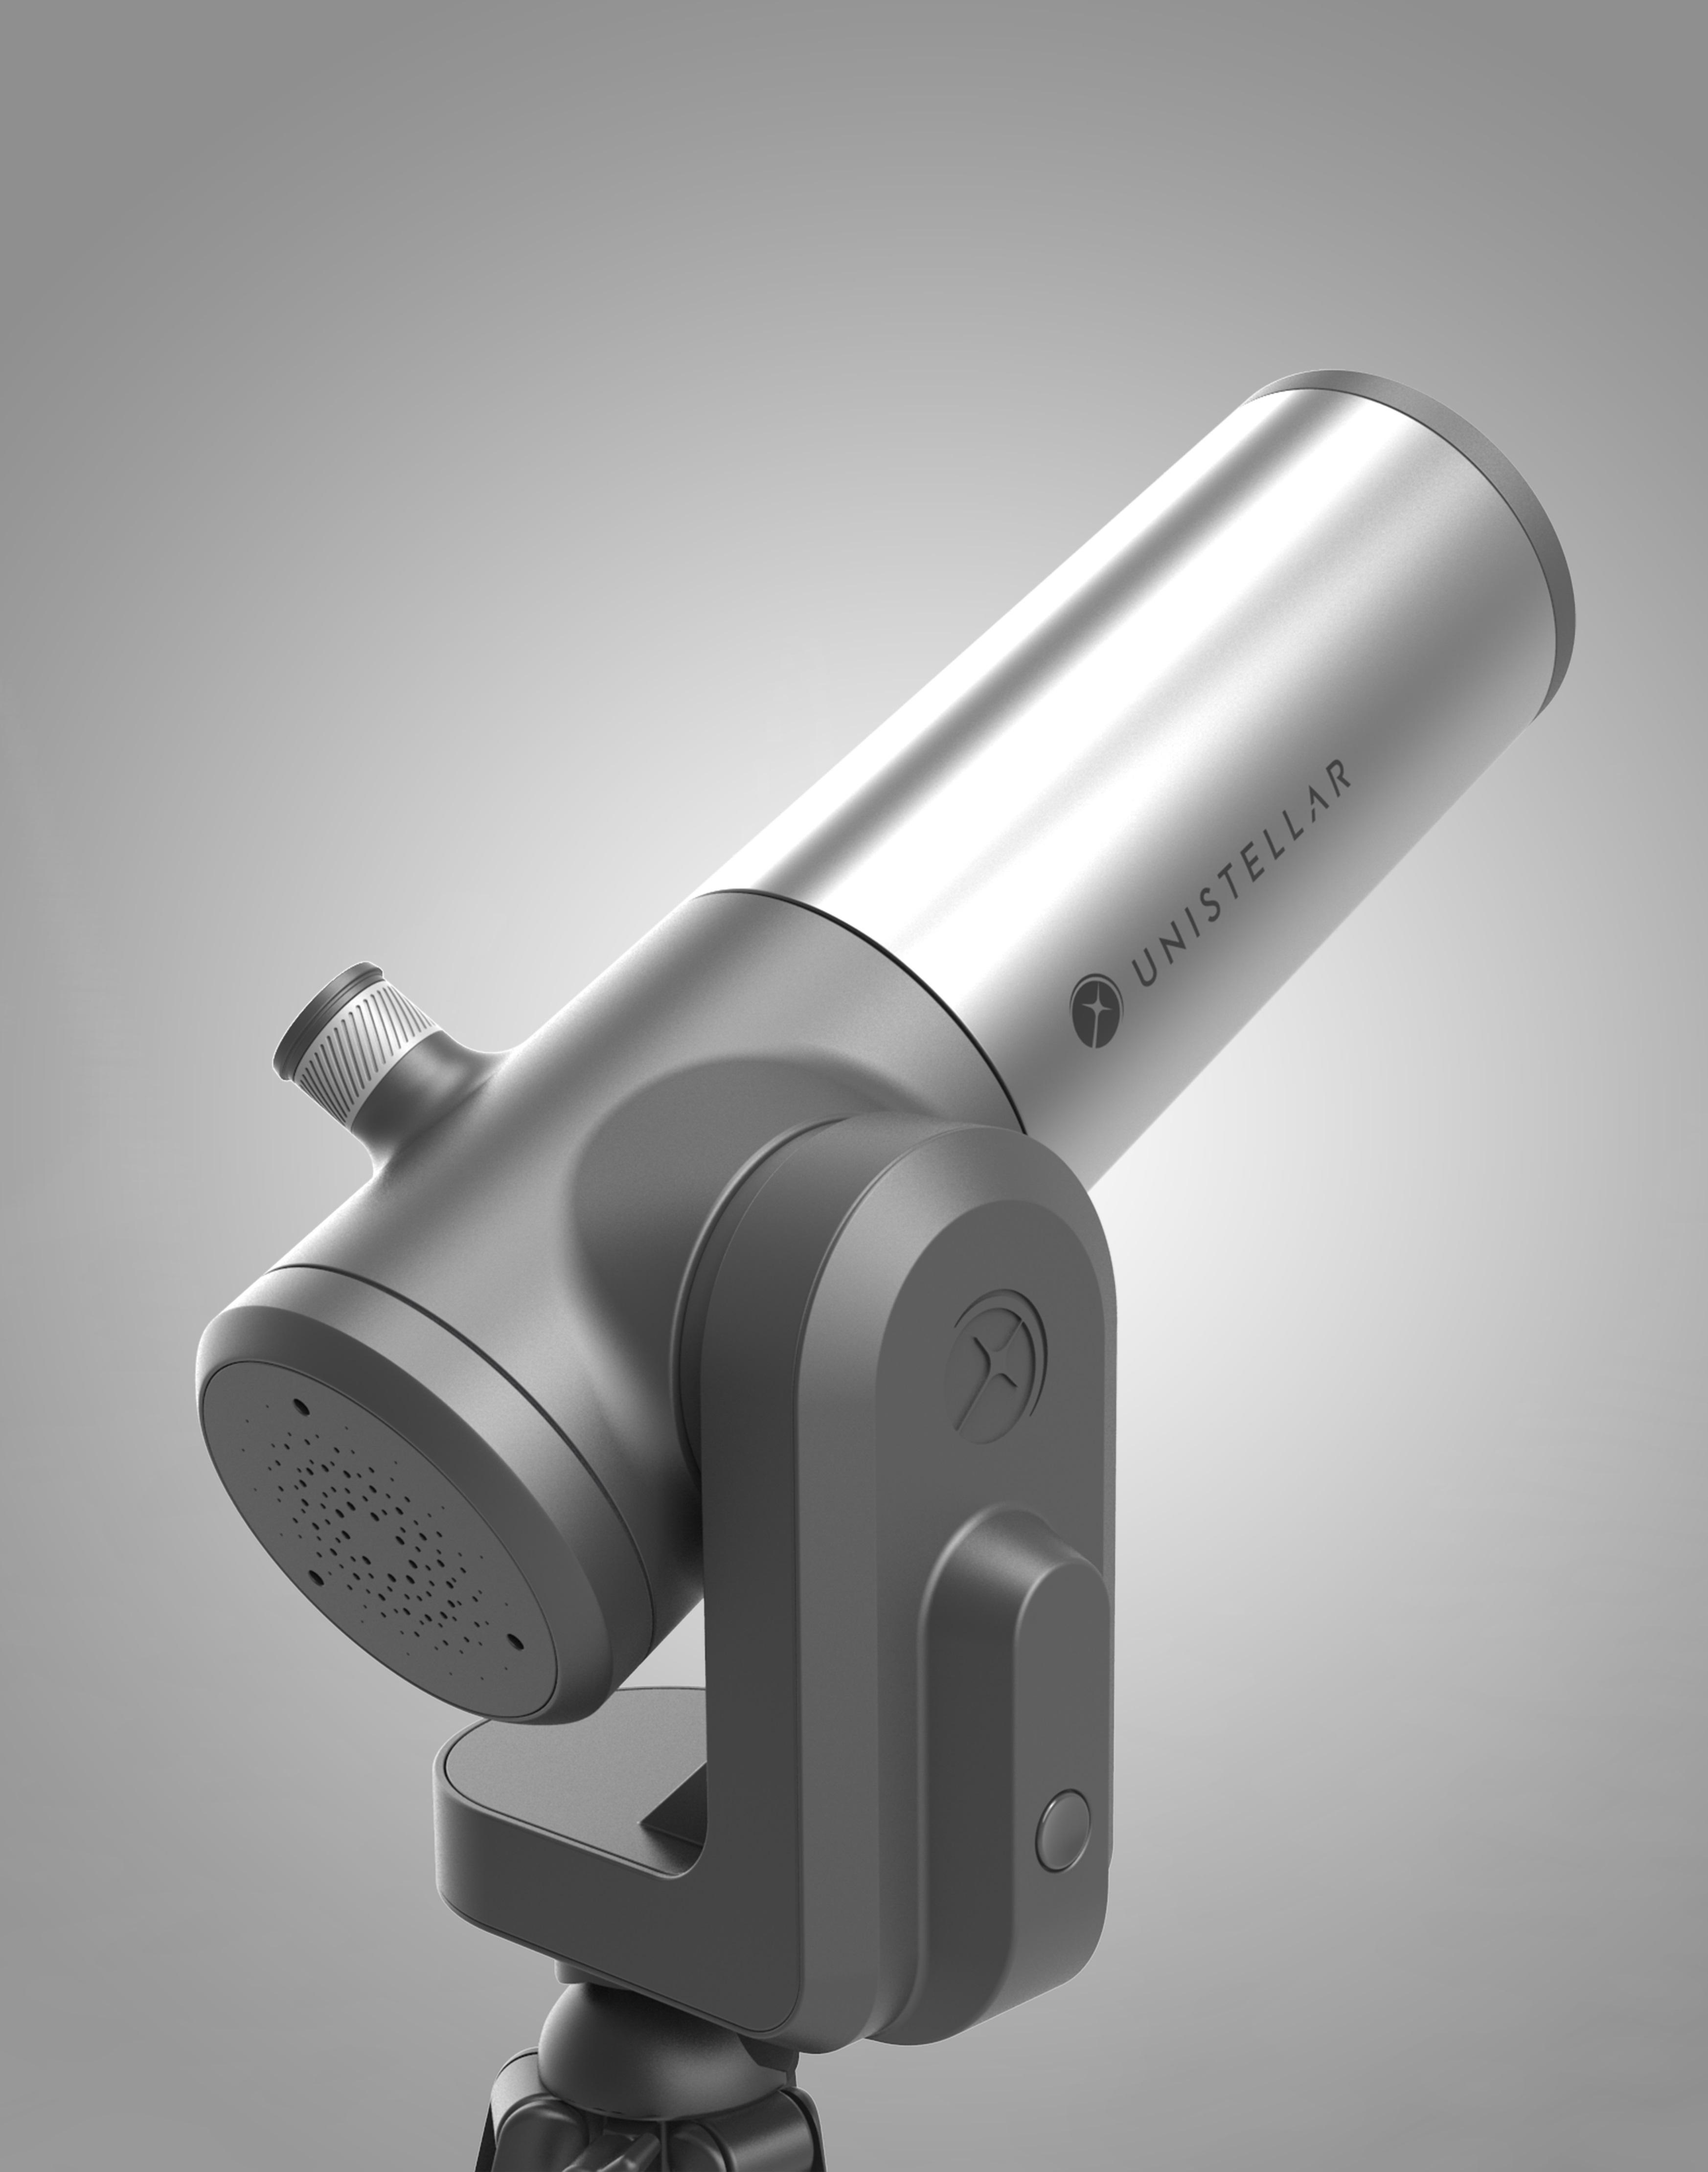 O telescópio da Unistellar estará disponível no outono de 2017 para sua campanha de crowdsunding de pré-vendas